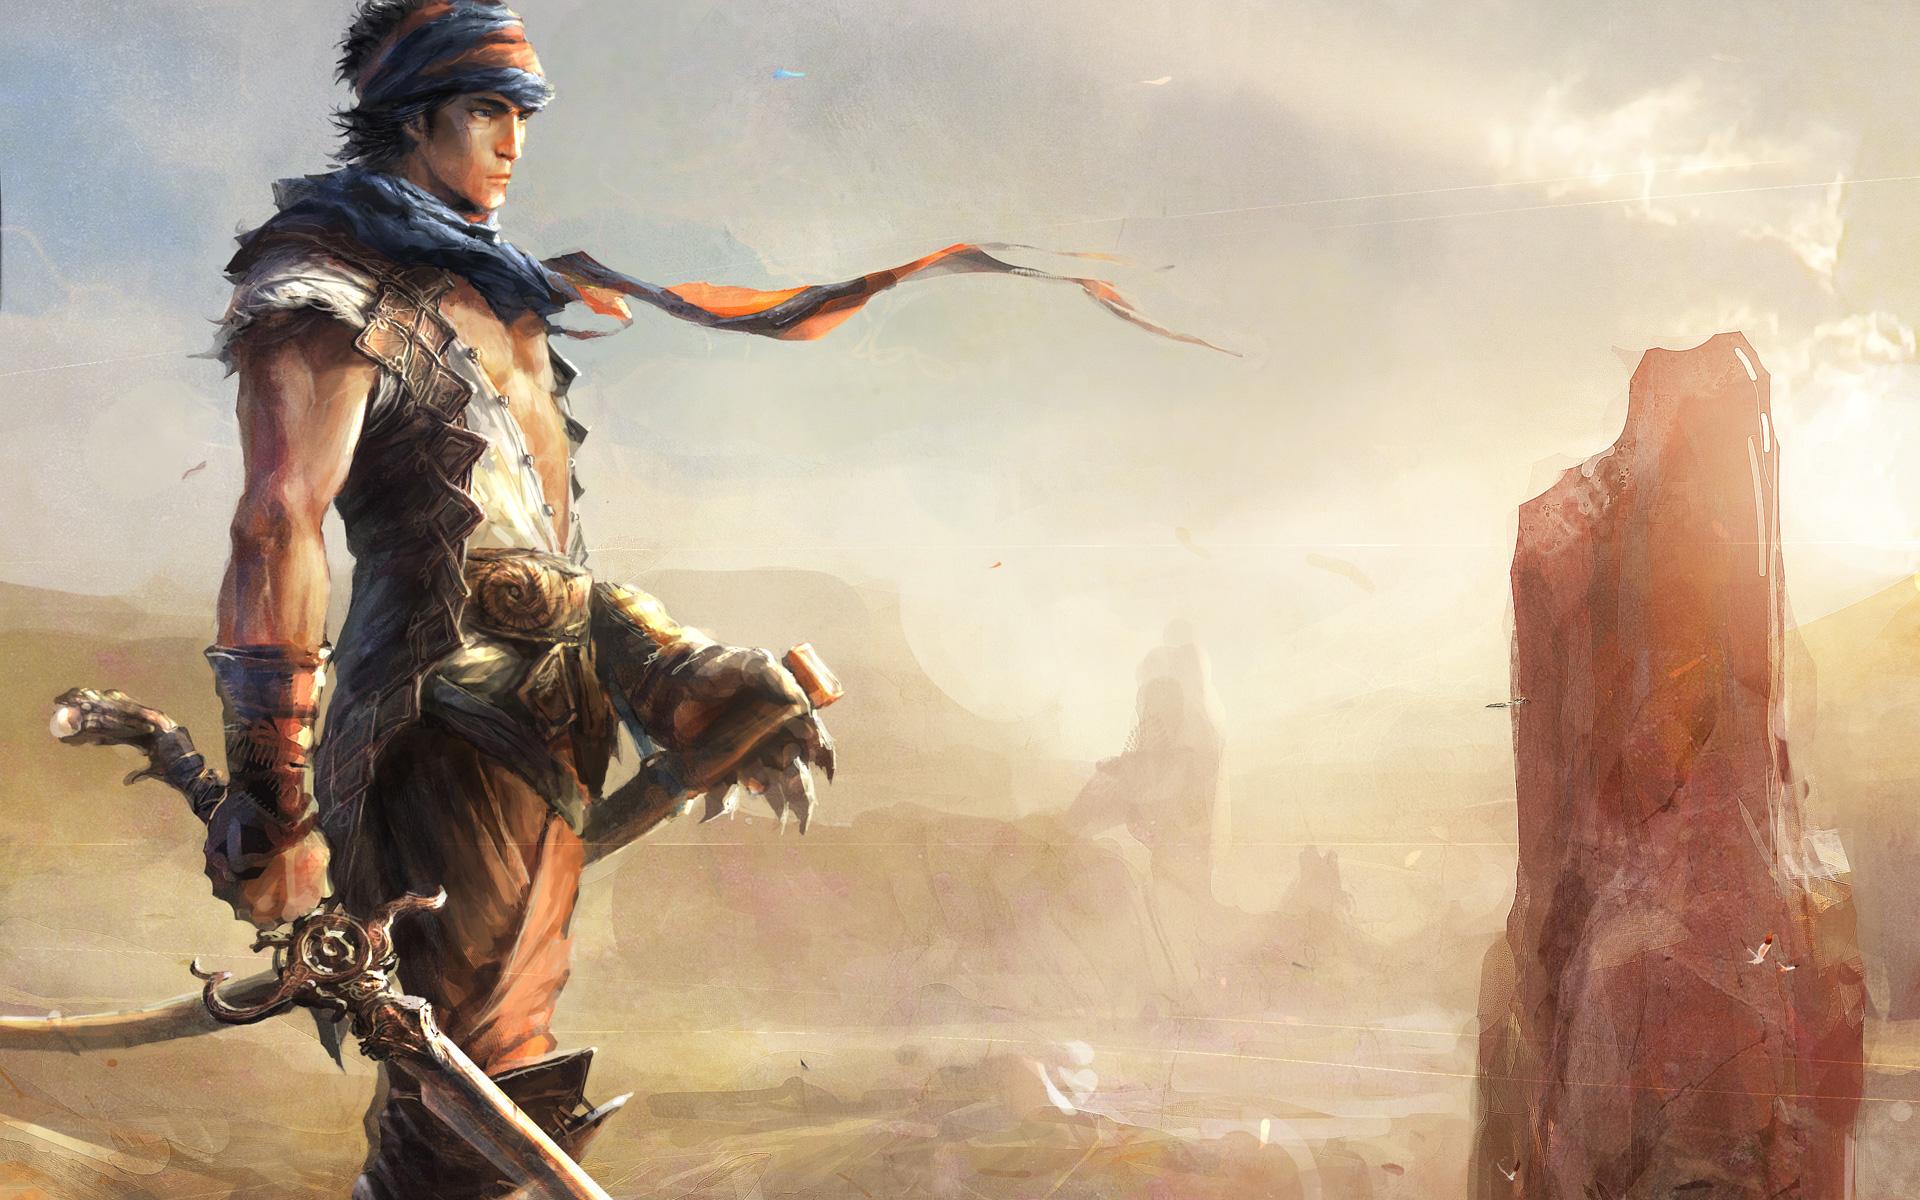 Free Download Prince Of Persia 2008 11 Artwork Wallpaper